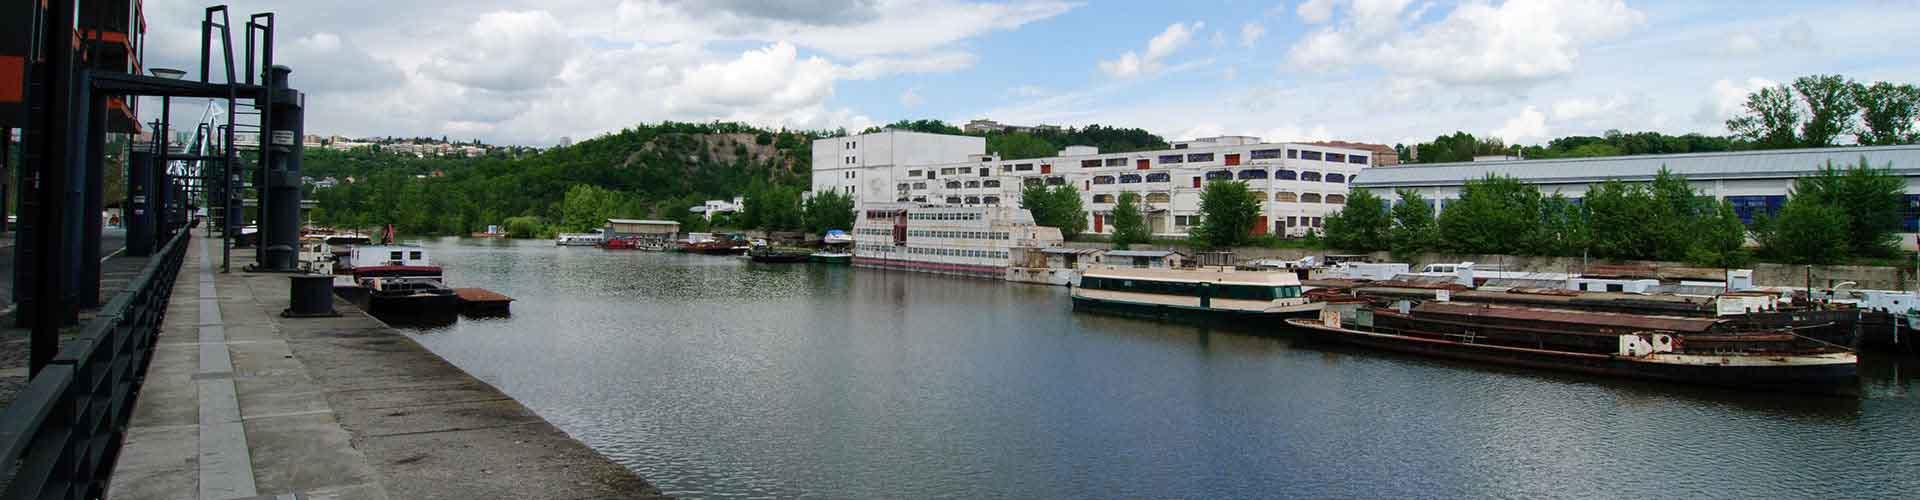 프라하 - Holesovice지역에 위치한 호텔. 프라하의 지도, 프라하에 위치한 호텔에 대한 사진 및 리뷰.